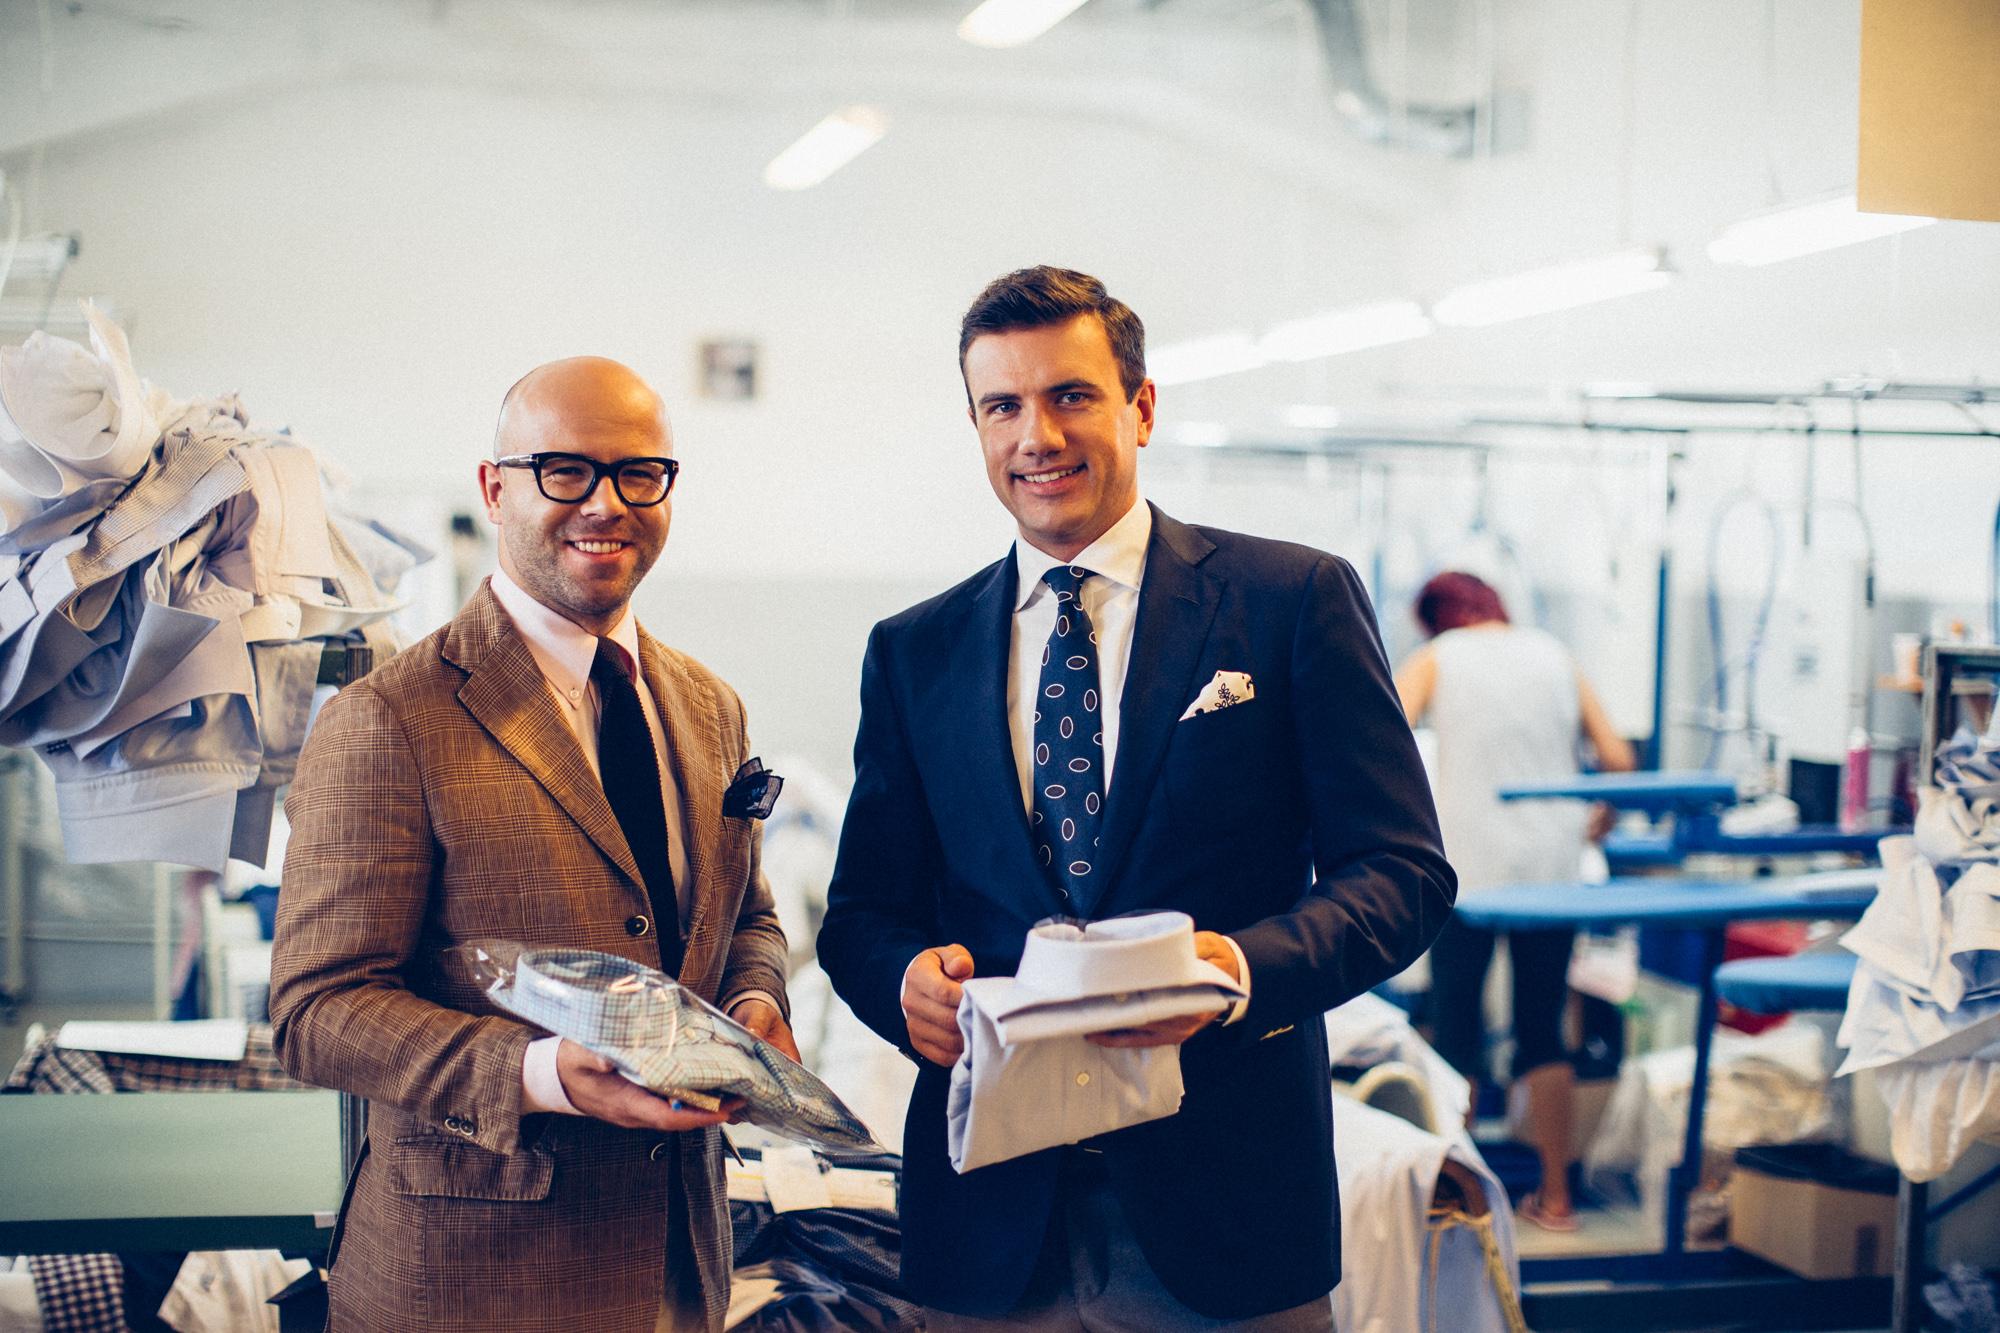 e9d4c42b93318 Przed budynkiem wita mnie Michał Linke, dyrektor marketingu Emanuel Berg,  który pokaże mi całe zaplecze produkcyjne i opowie o historii marki.